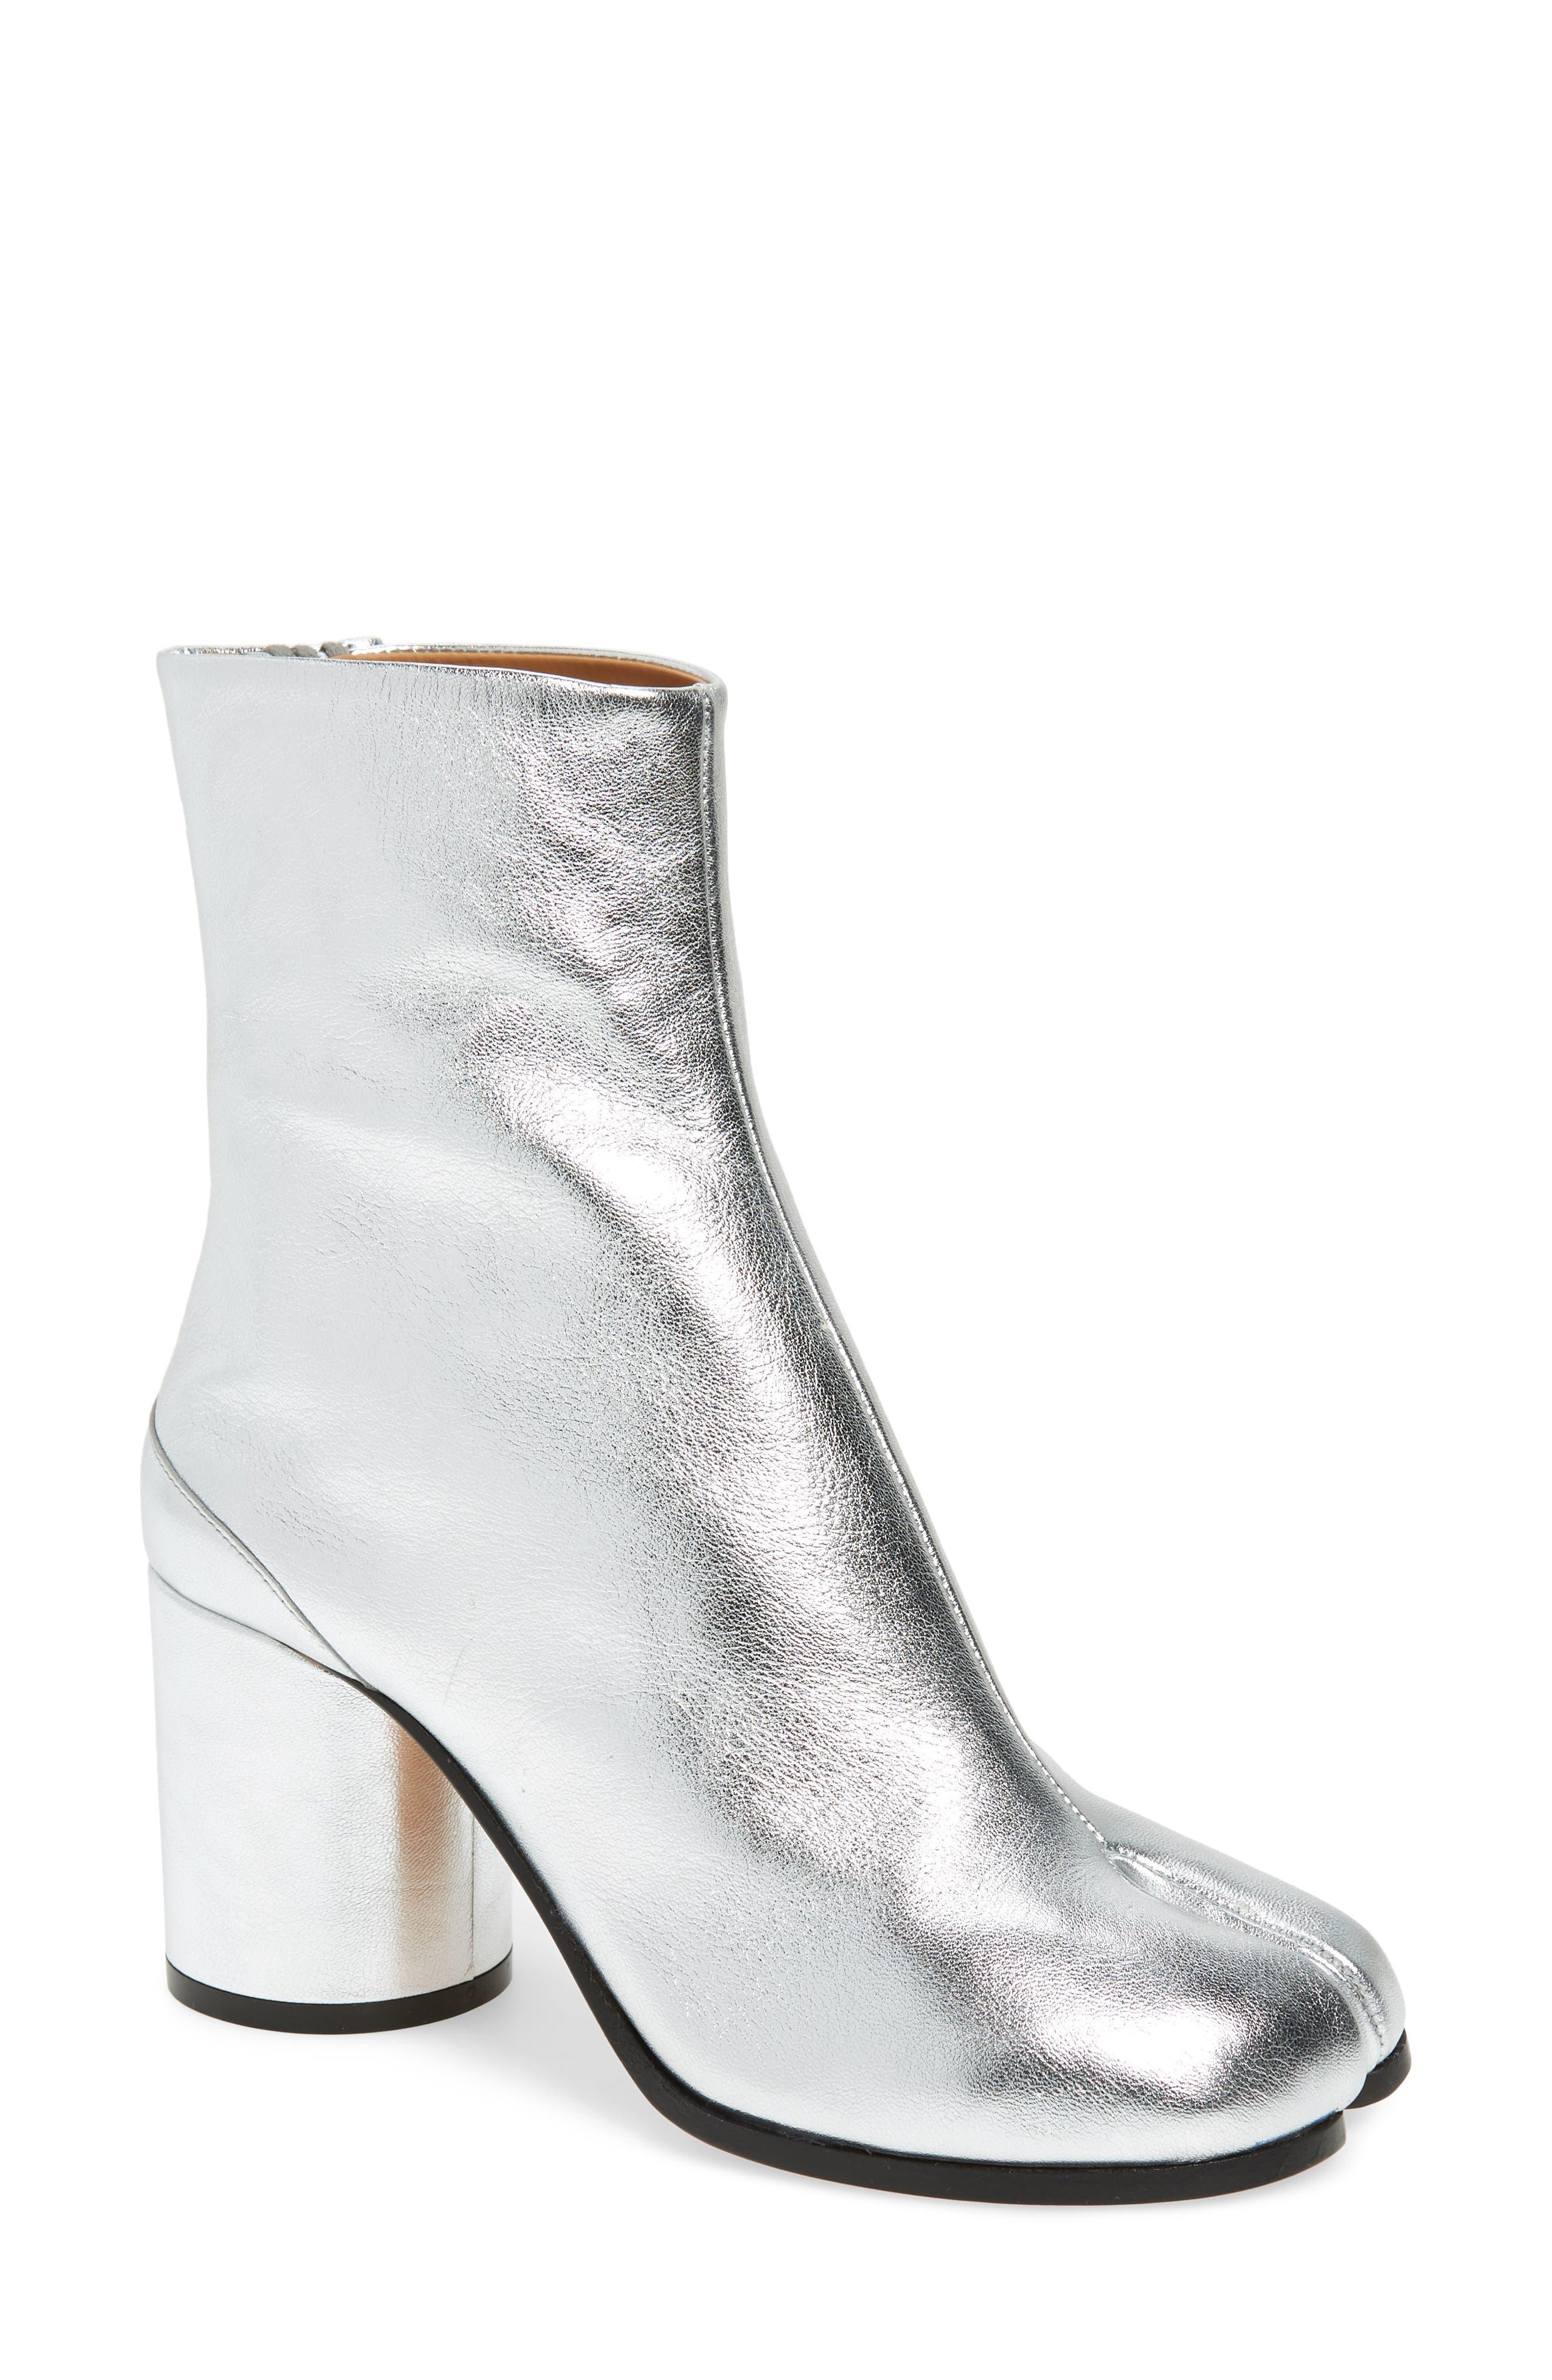 Maison Margiela Tabi Metallic Boot, Metallic